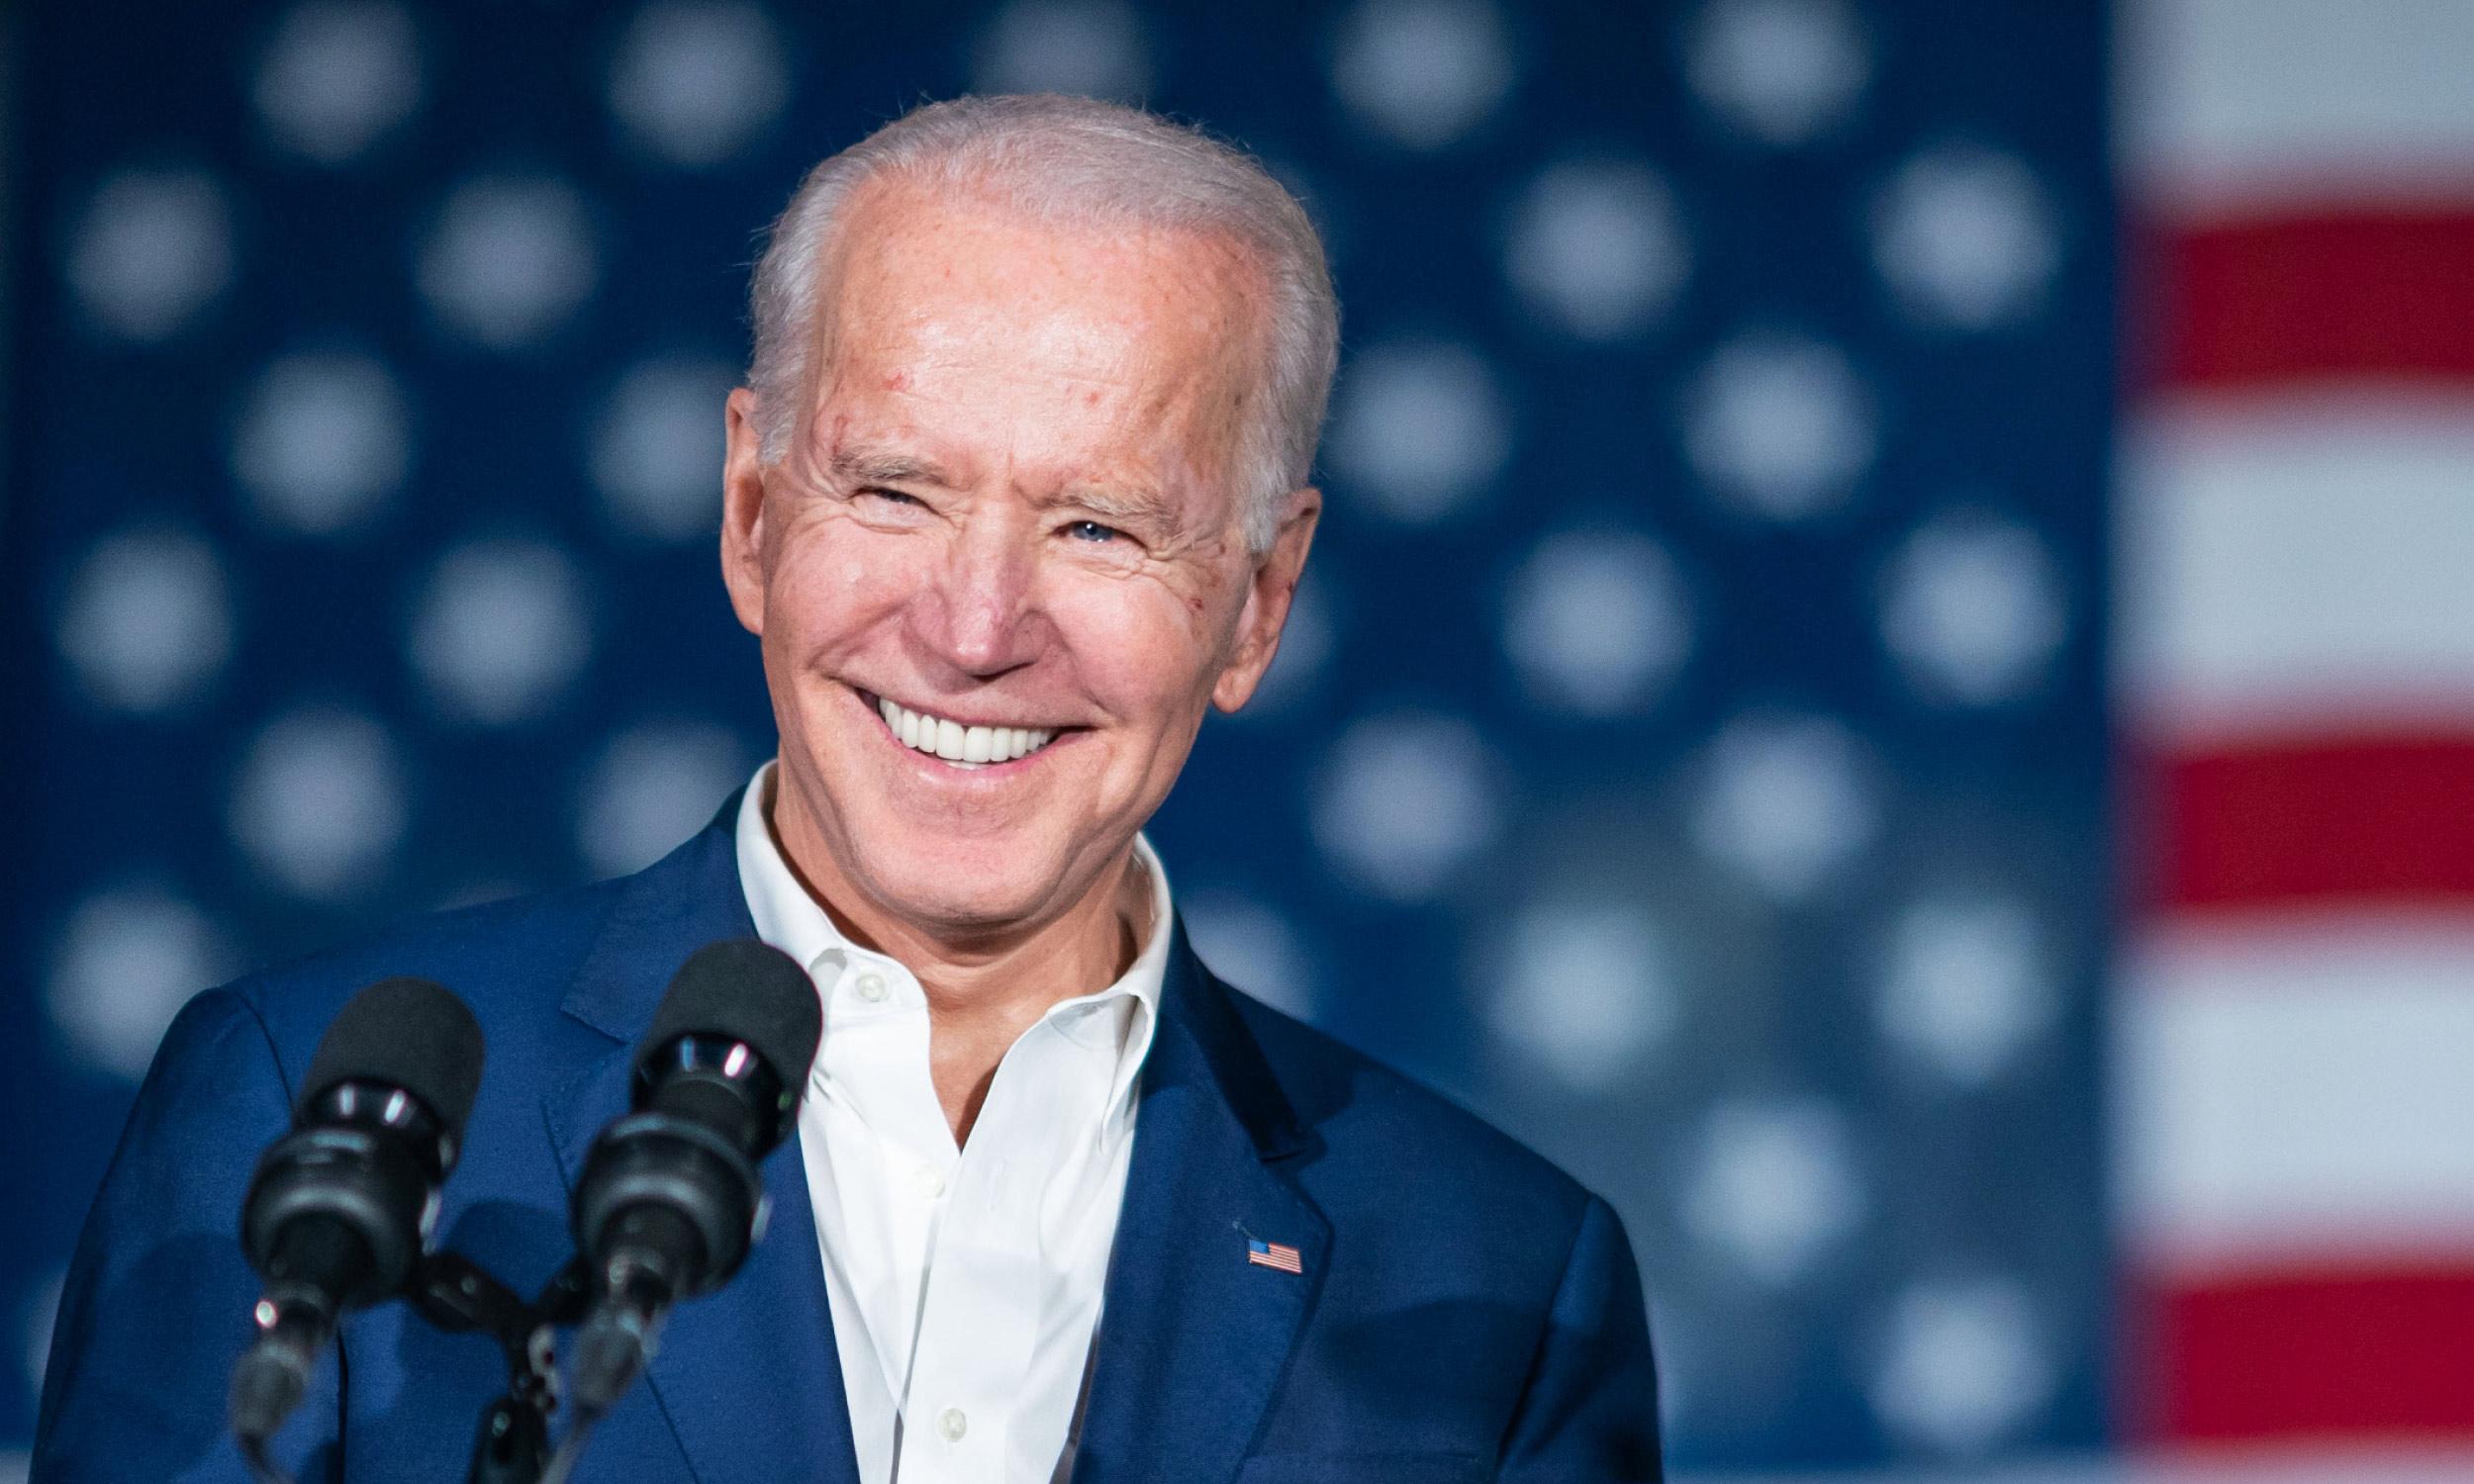 El presidente Biden habla en un evento en Jackson, Mississippi